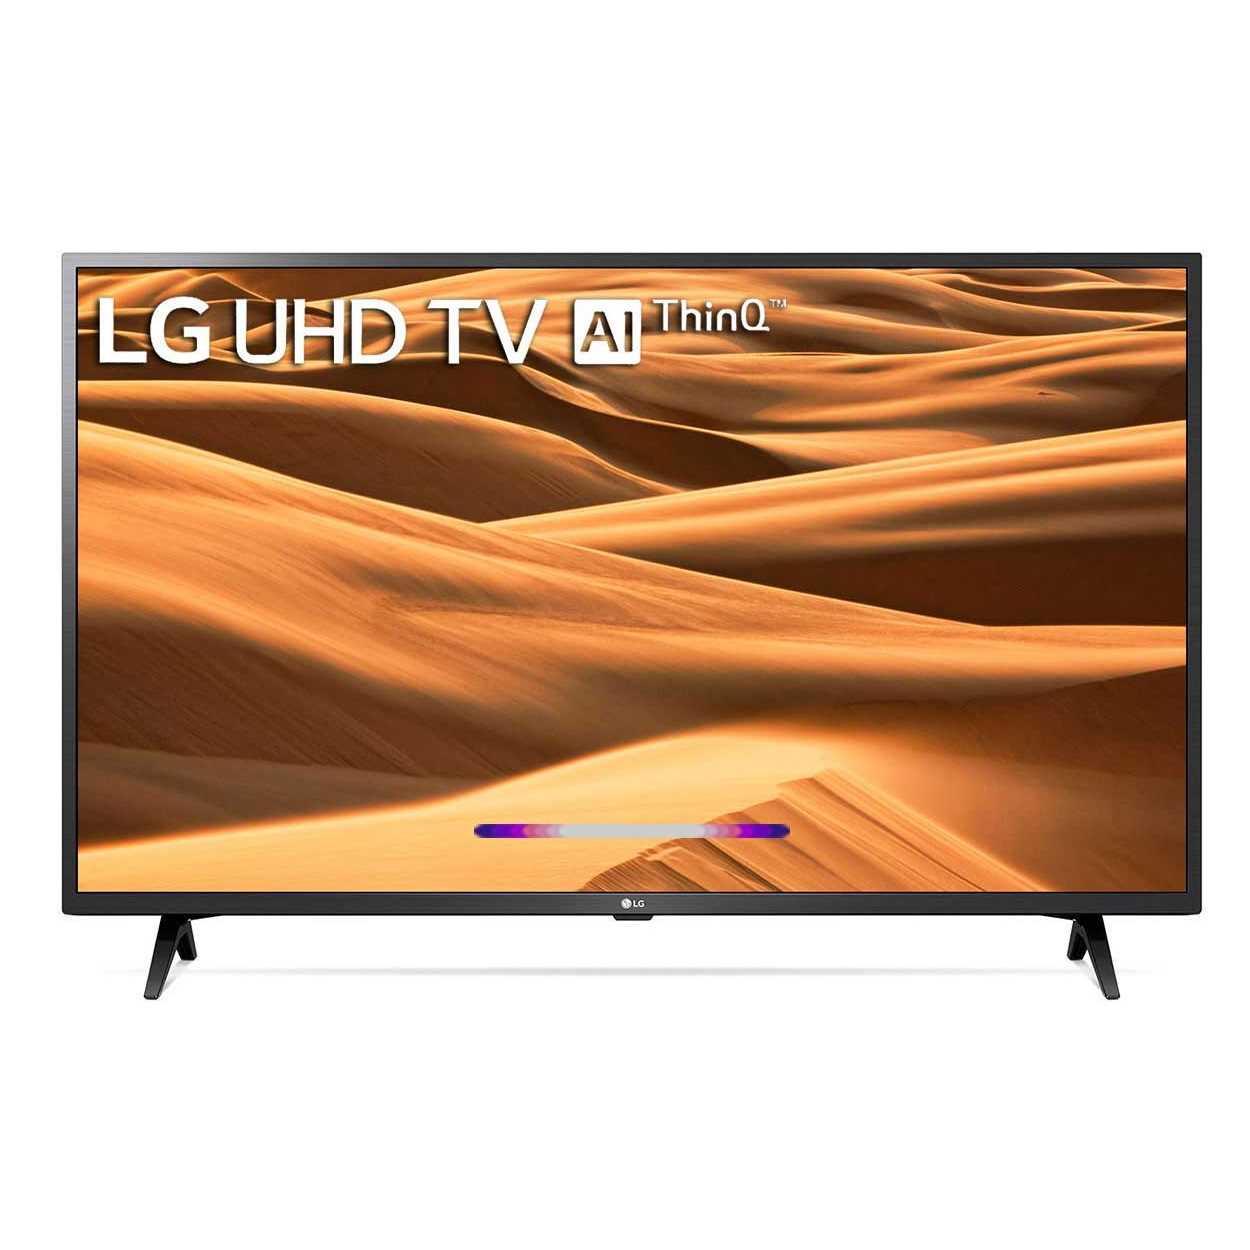 LG 50UM7300PTA 50 Inch 4K Ultra HD Smart LED Television